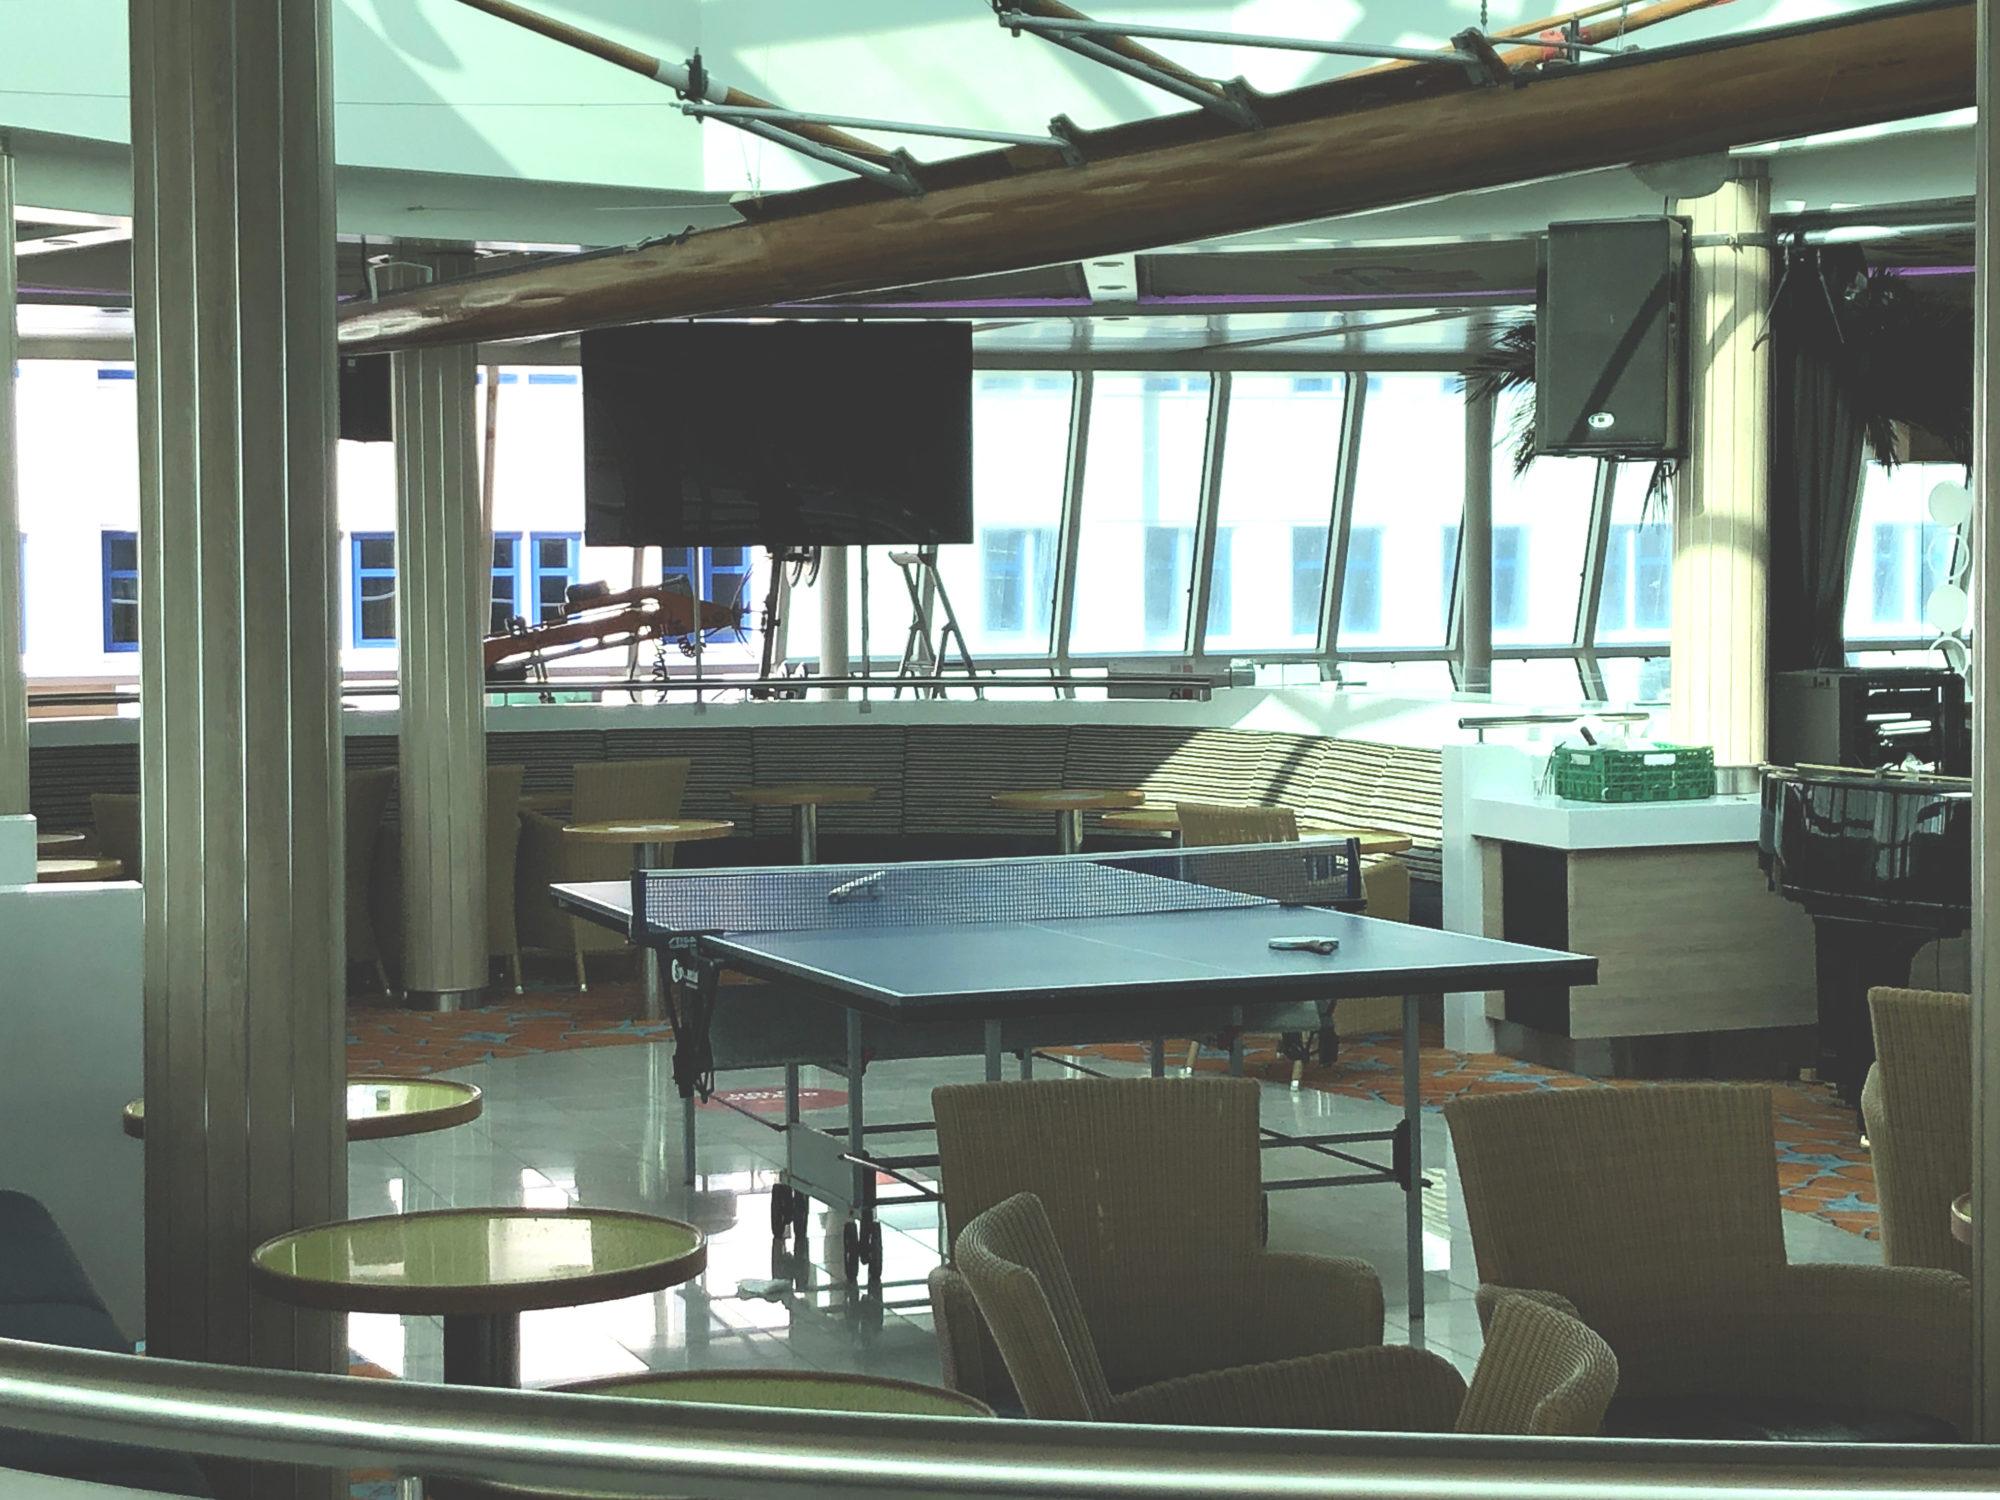 Ingen dans. På dansegulvet helt akter, har mannskapet rigget opp det bordtennisbord. Foto: Fjord Line